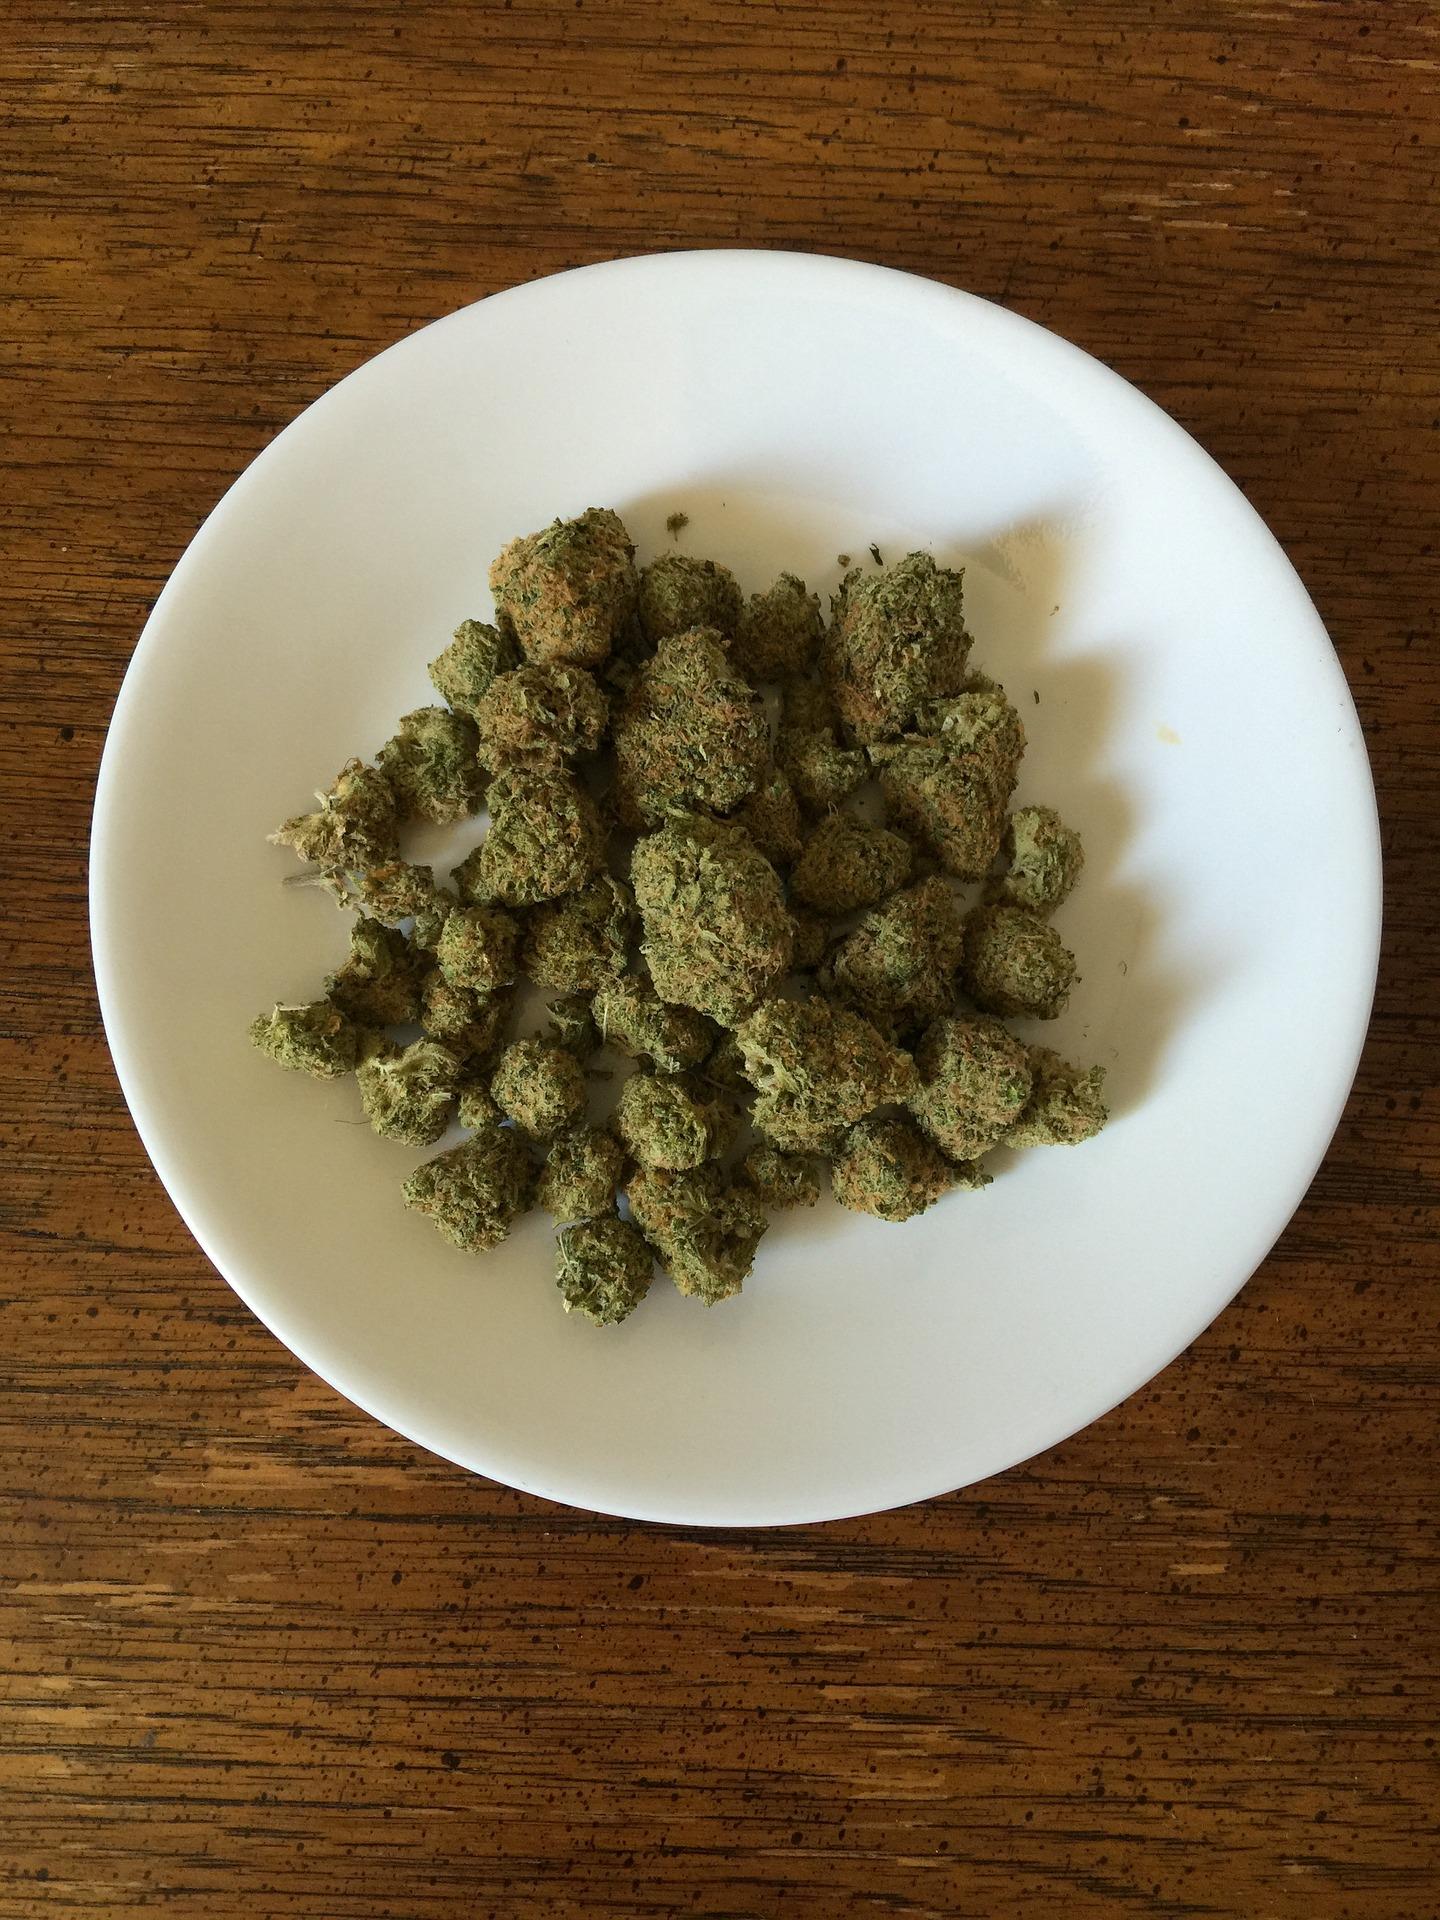 cannabis-1418344_1920.jpg